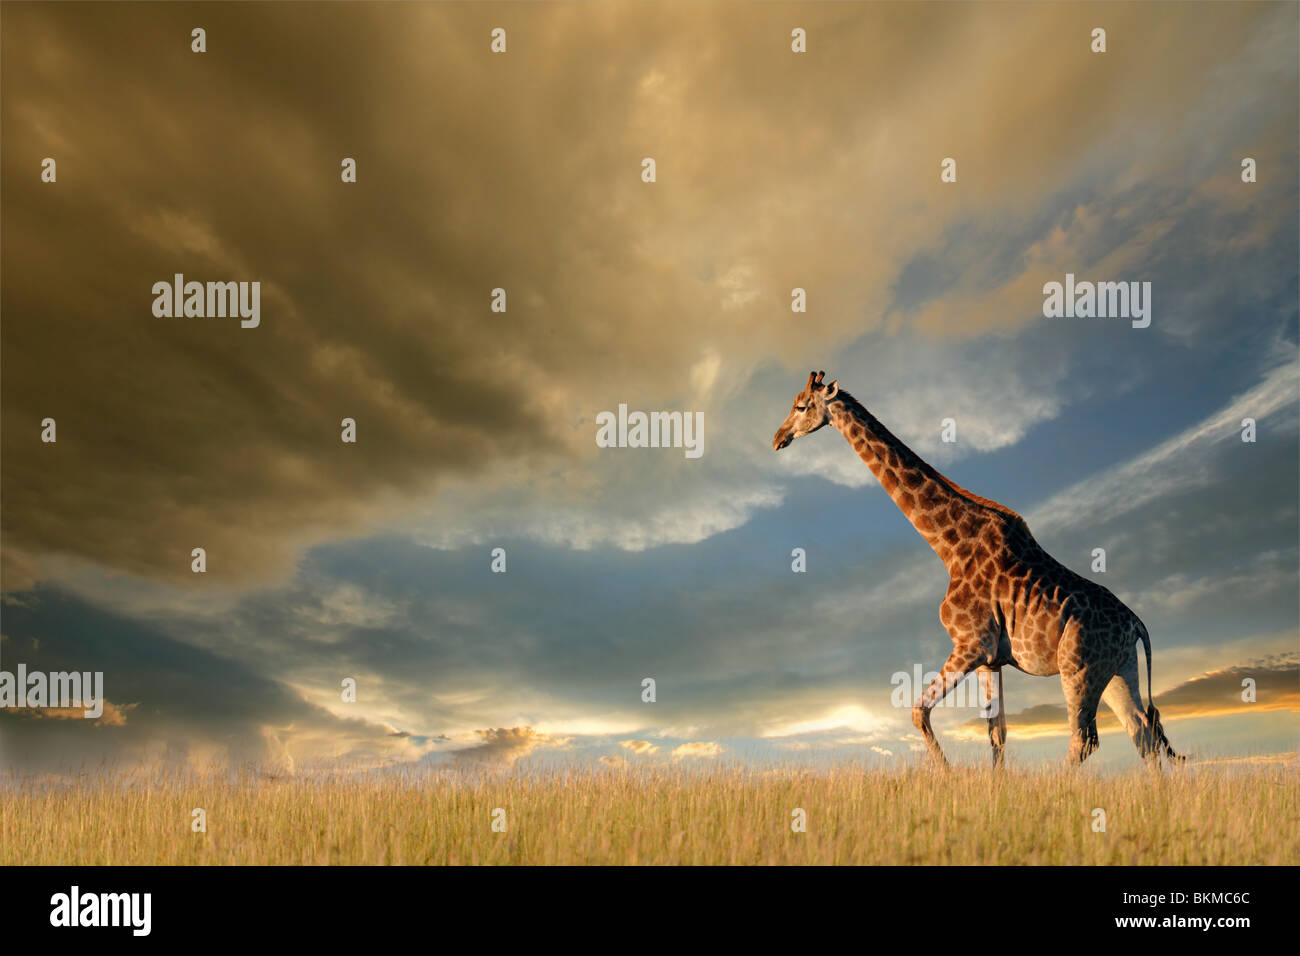 Une girafe marche sur les plaines Africaines contre un ciel dramatique Photo Stock